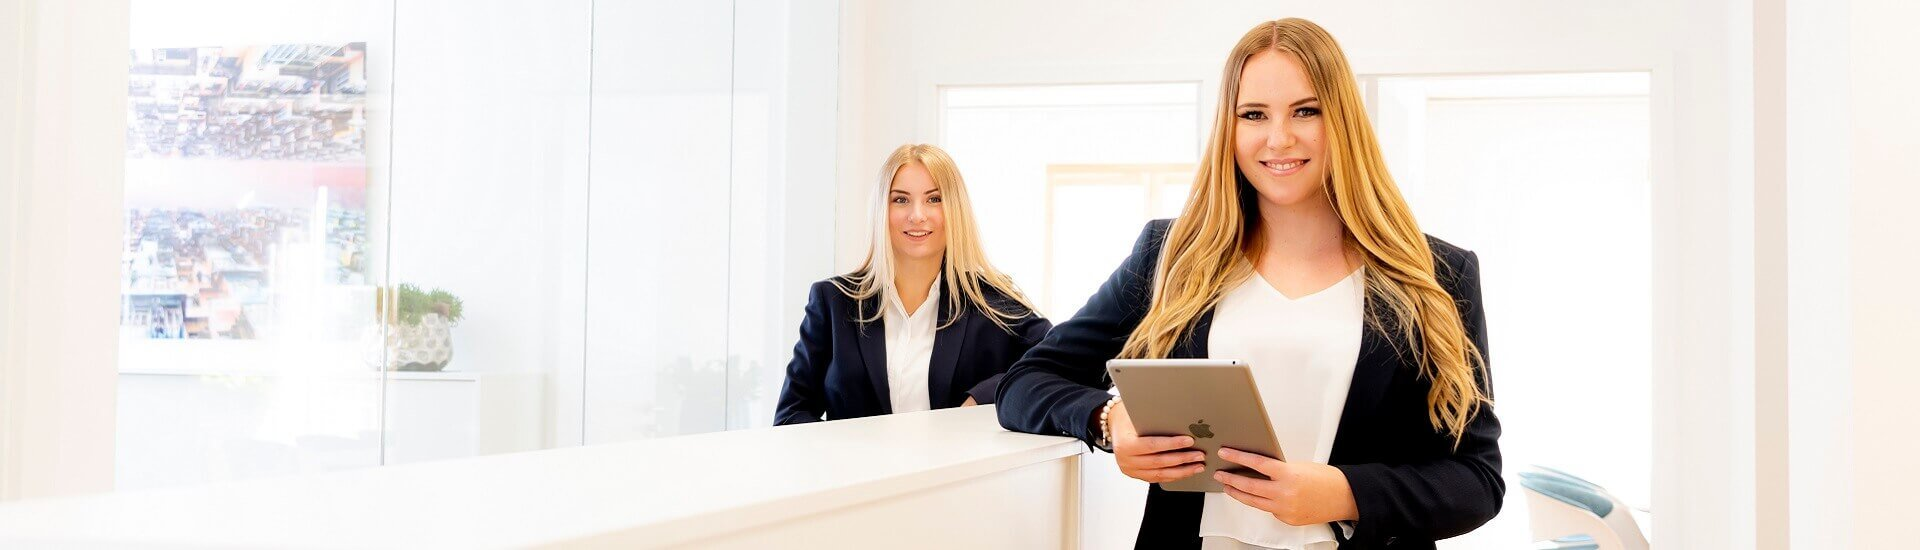 Immobilienmakler und Hausverwaltung